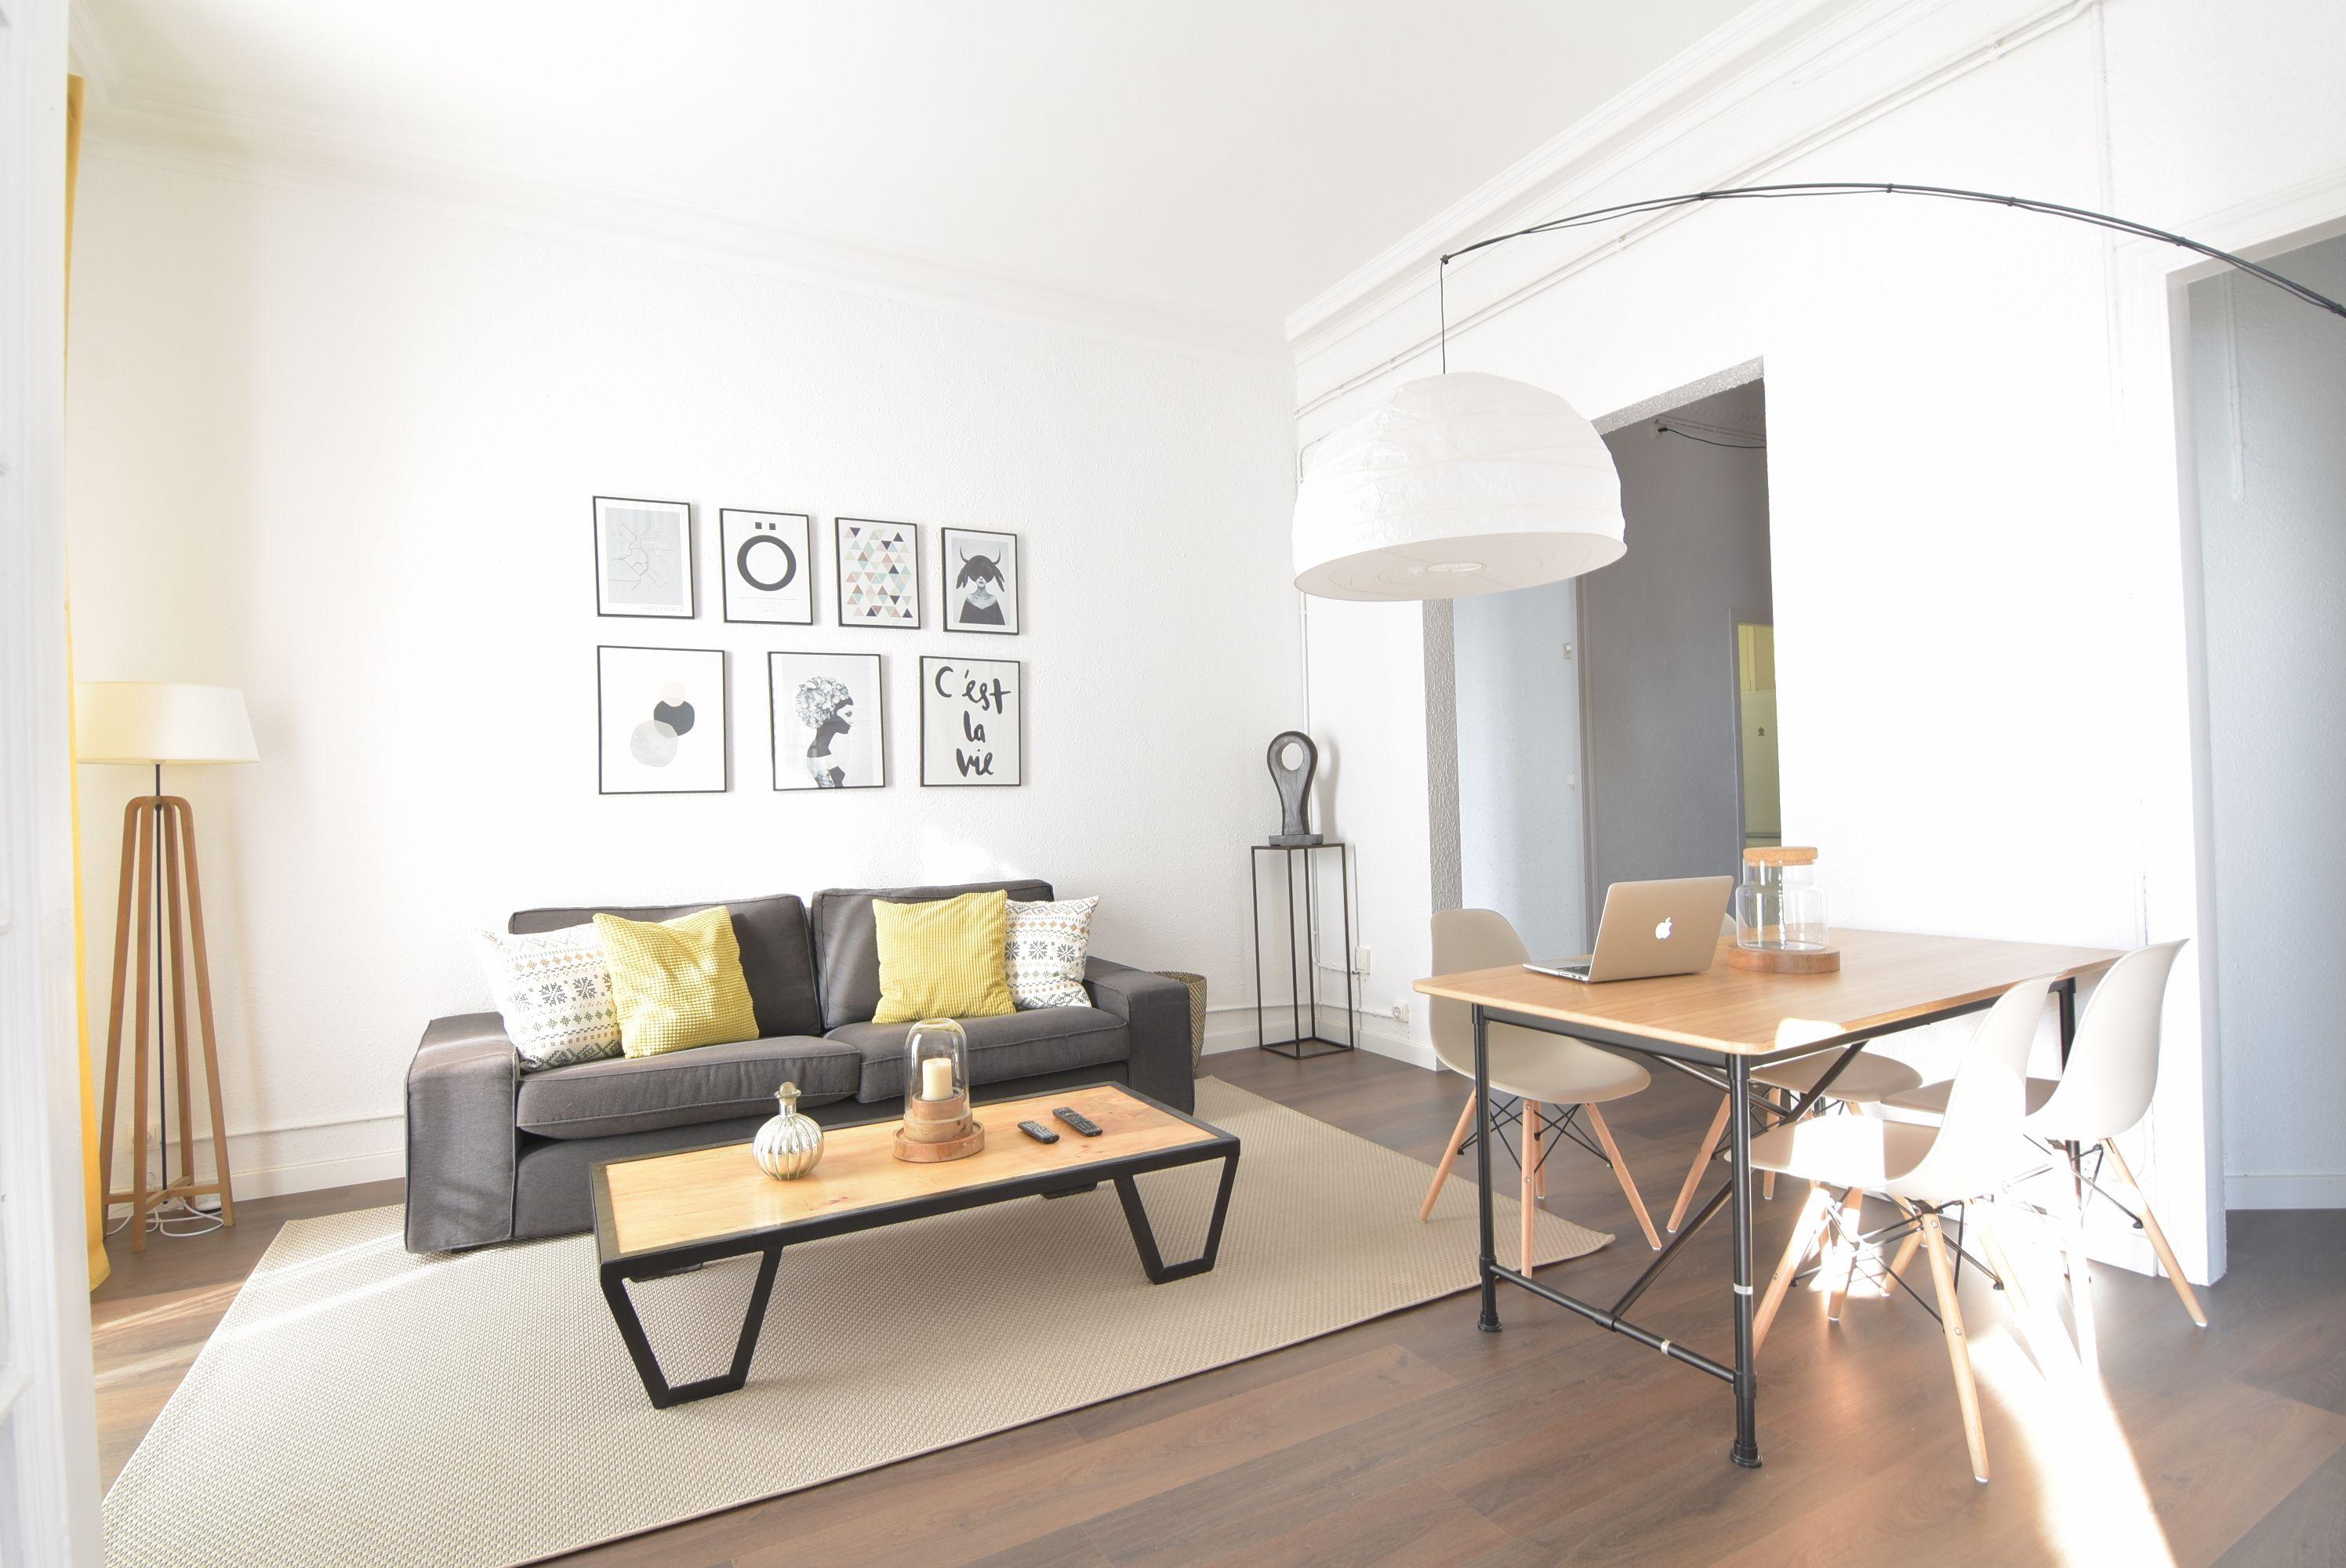 Imagenes De Salon Comedor.9 Salon Comedor Living And Dining Room 1840 Apartments